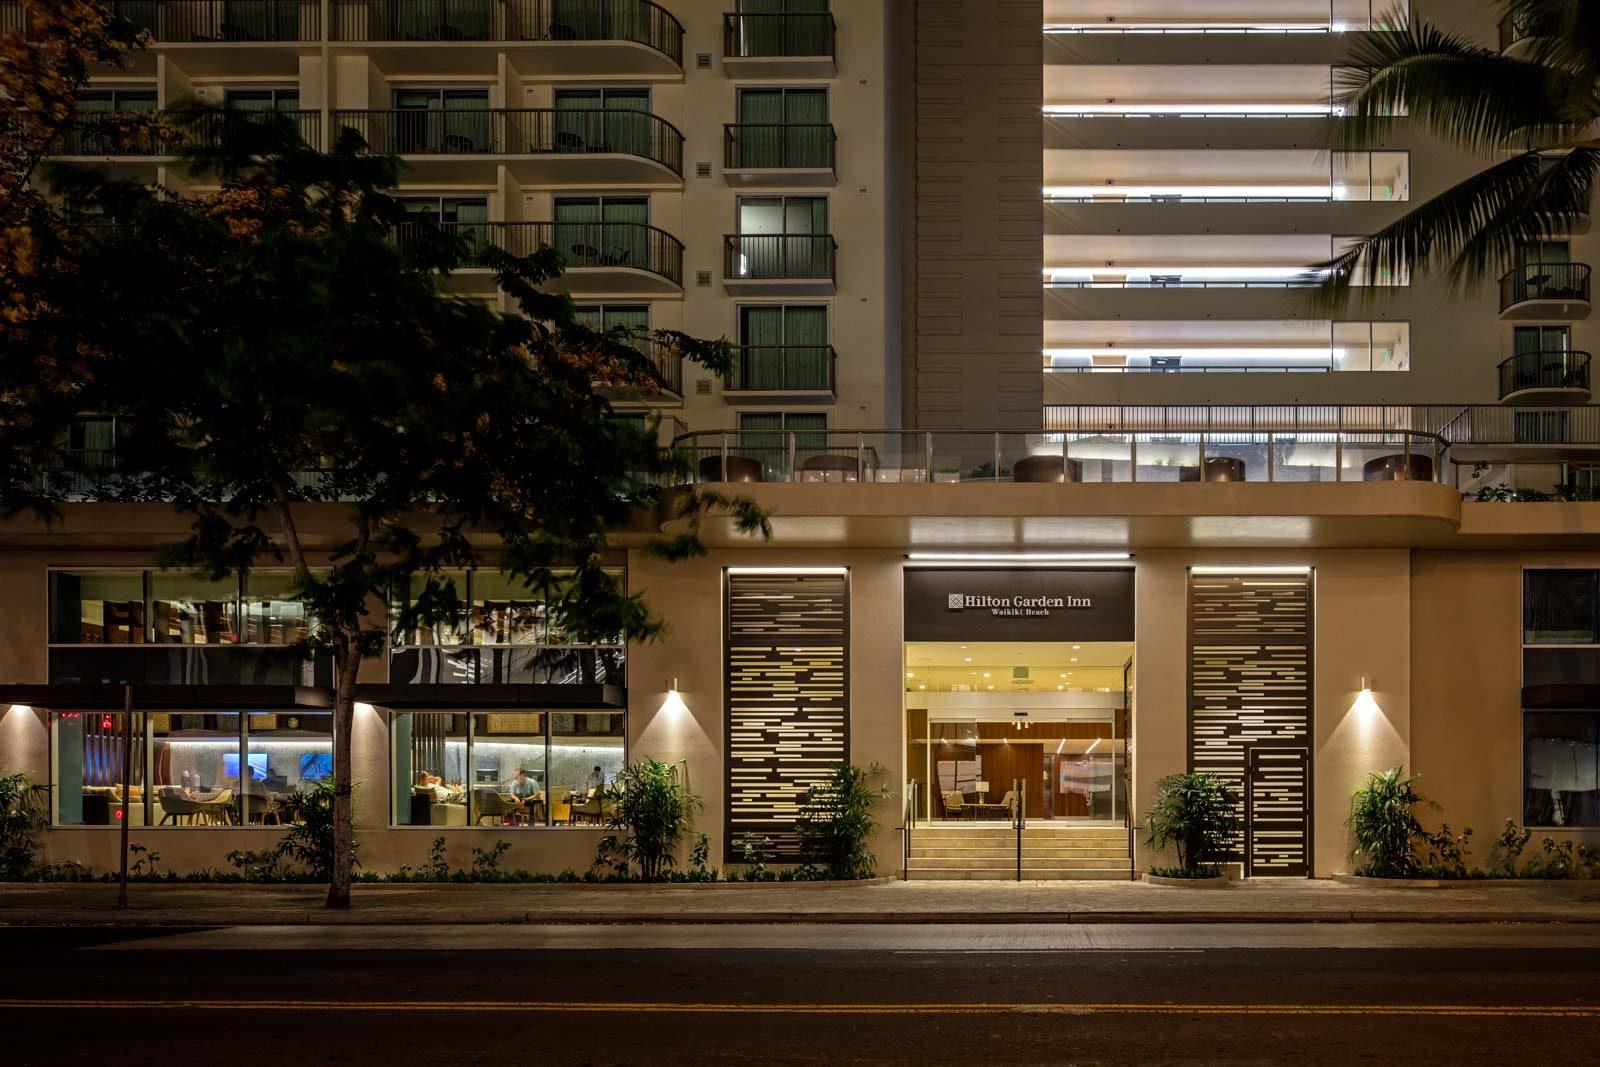 Per Diem Lodging Inc | Hilton Garden Inn – Waikiki Beach